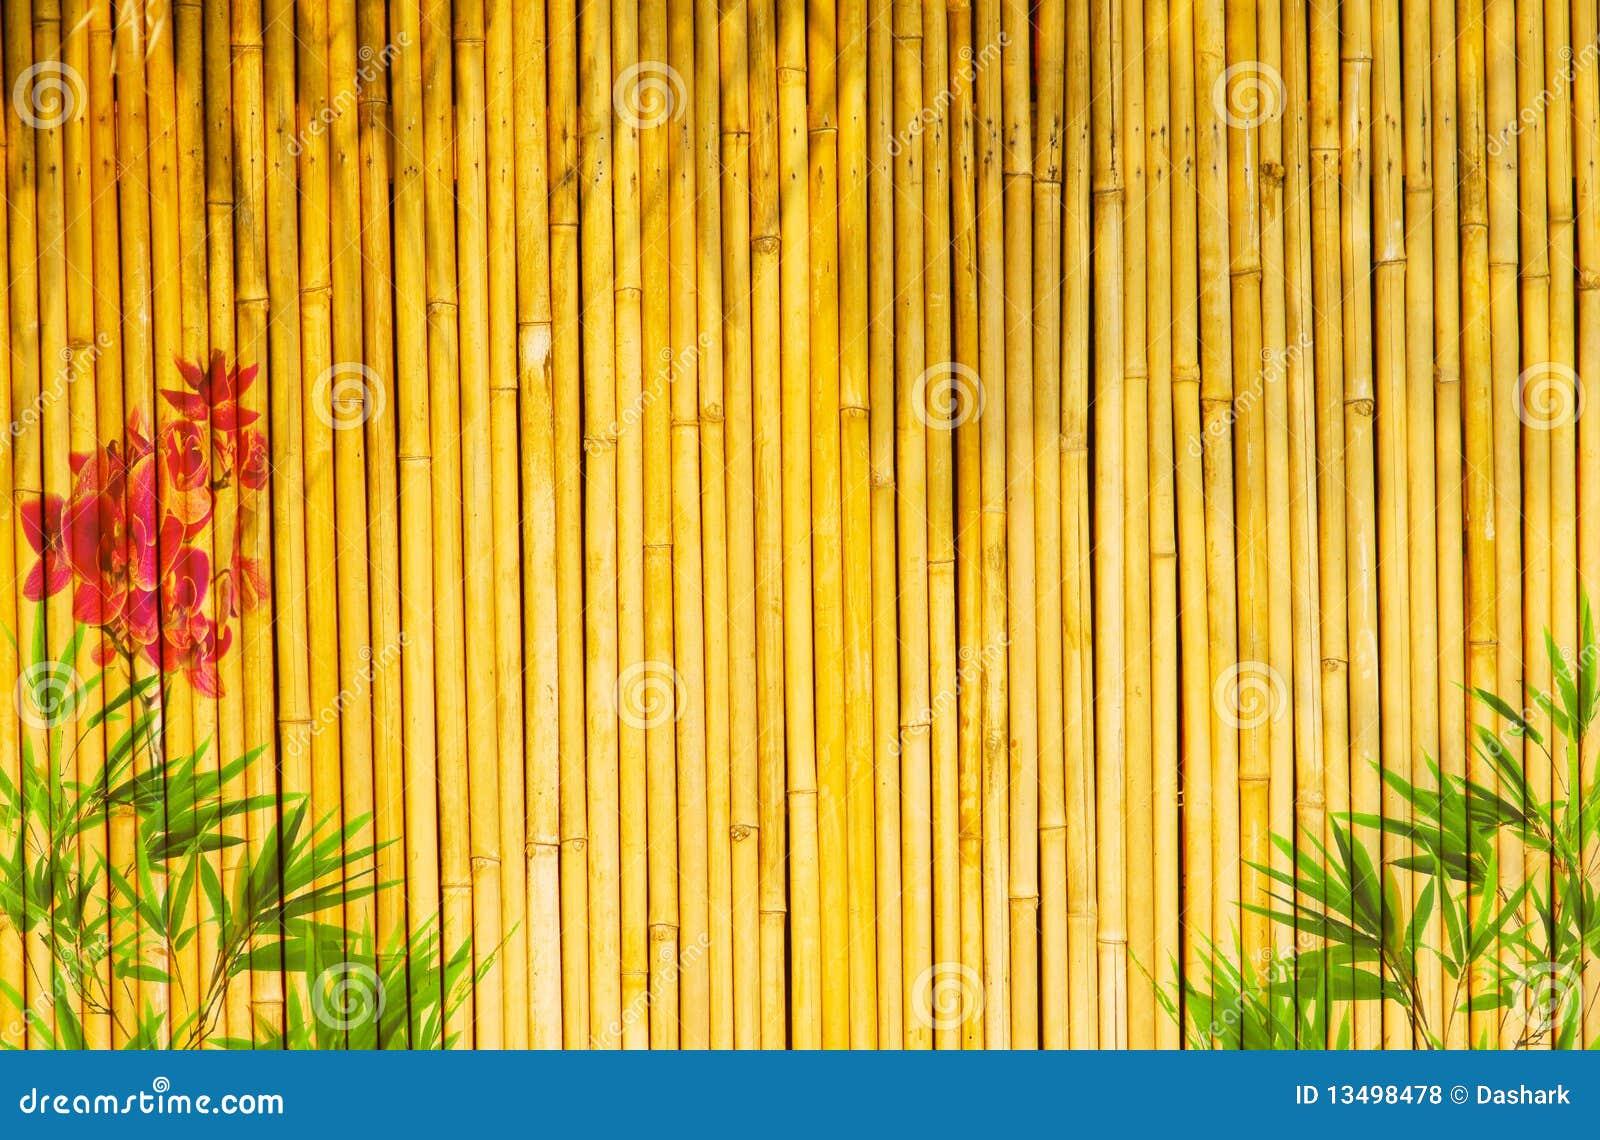 bamboo background nineteen photo - photo #25